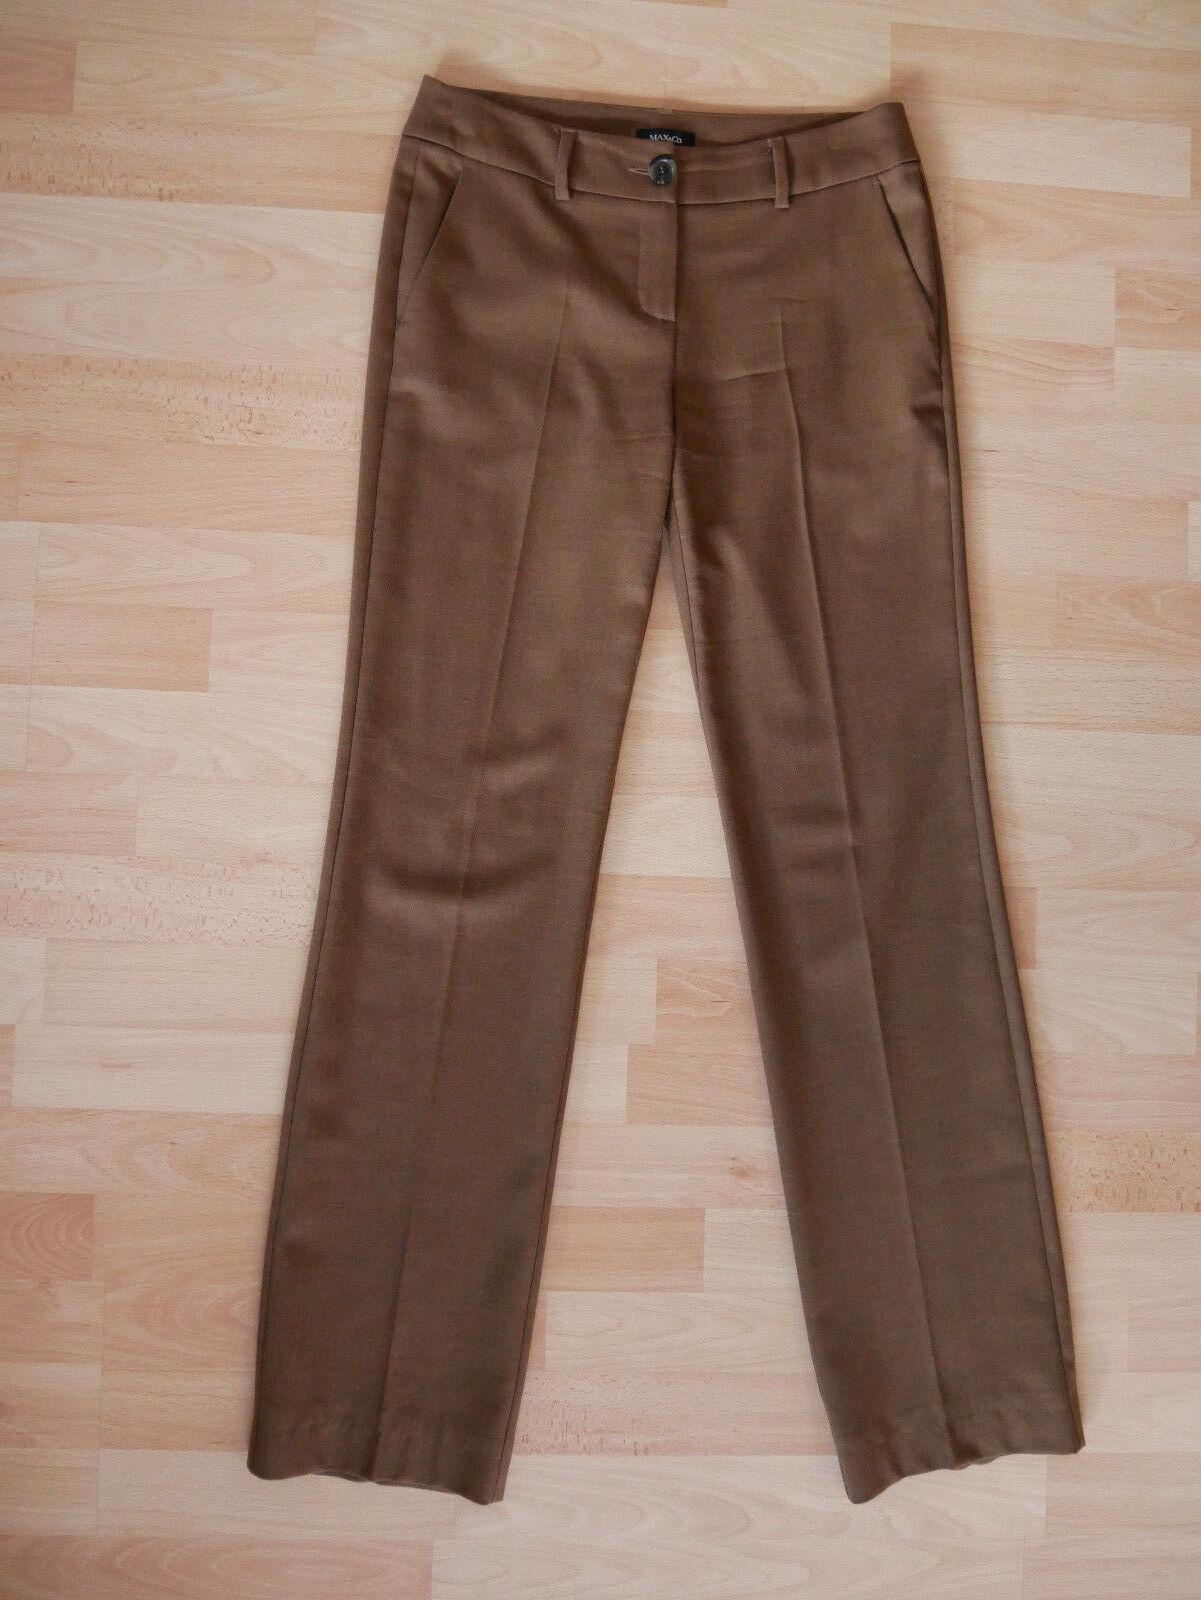 Wollhose neuwertig - MAX&Co. - Gr.38 - langes Bein